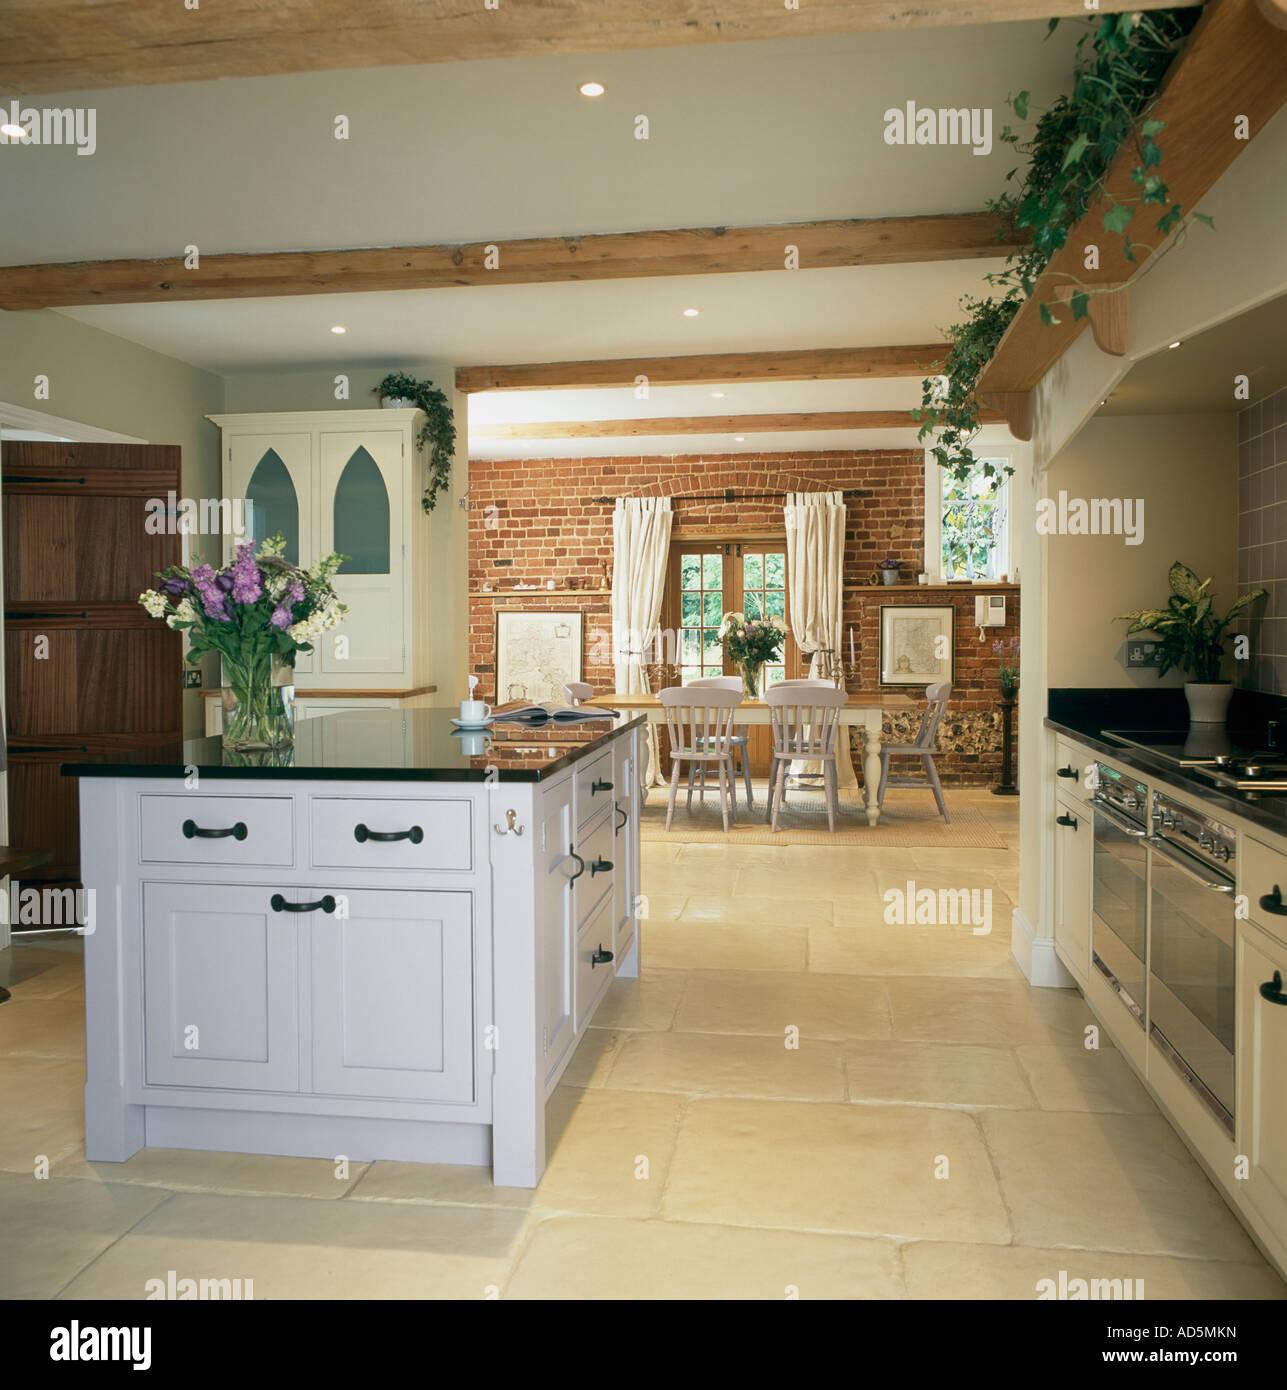 wei e insel einheit in die offene k che und esszimmer mit kalkstein boden stockfoto bild. Black Bedroom Furniture Sets. Home Design Ideas